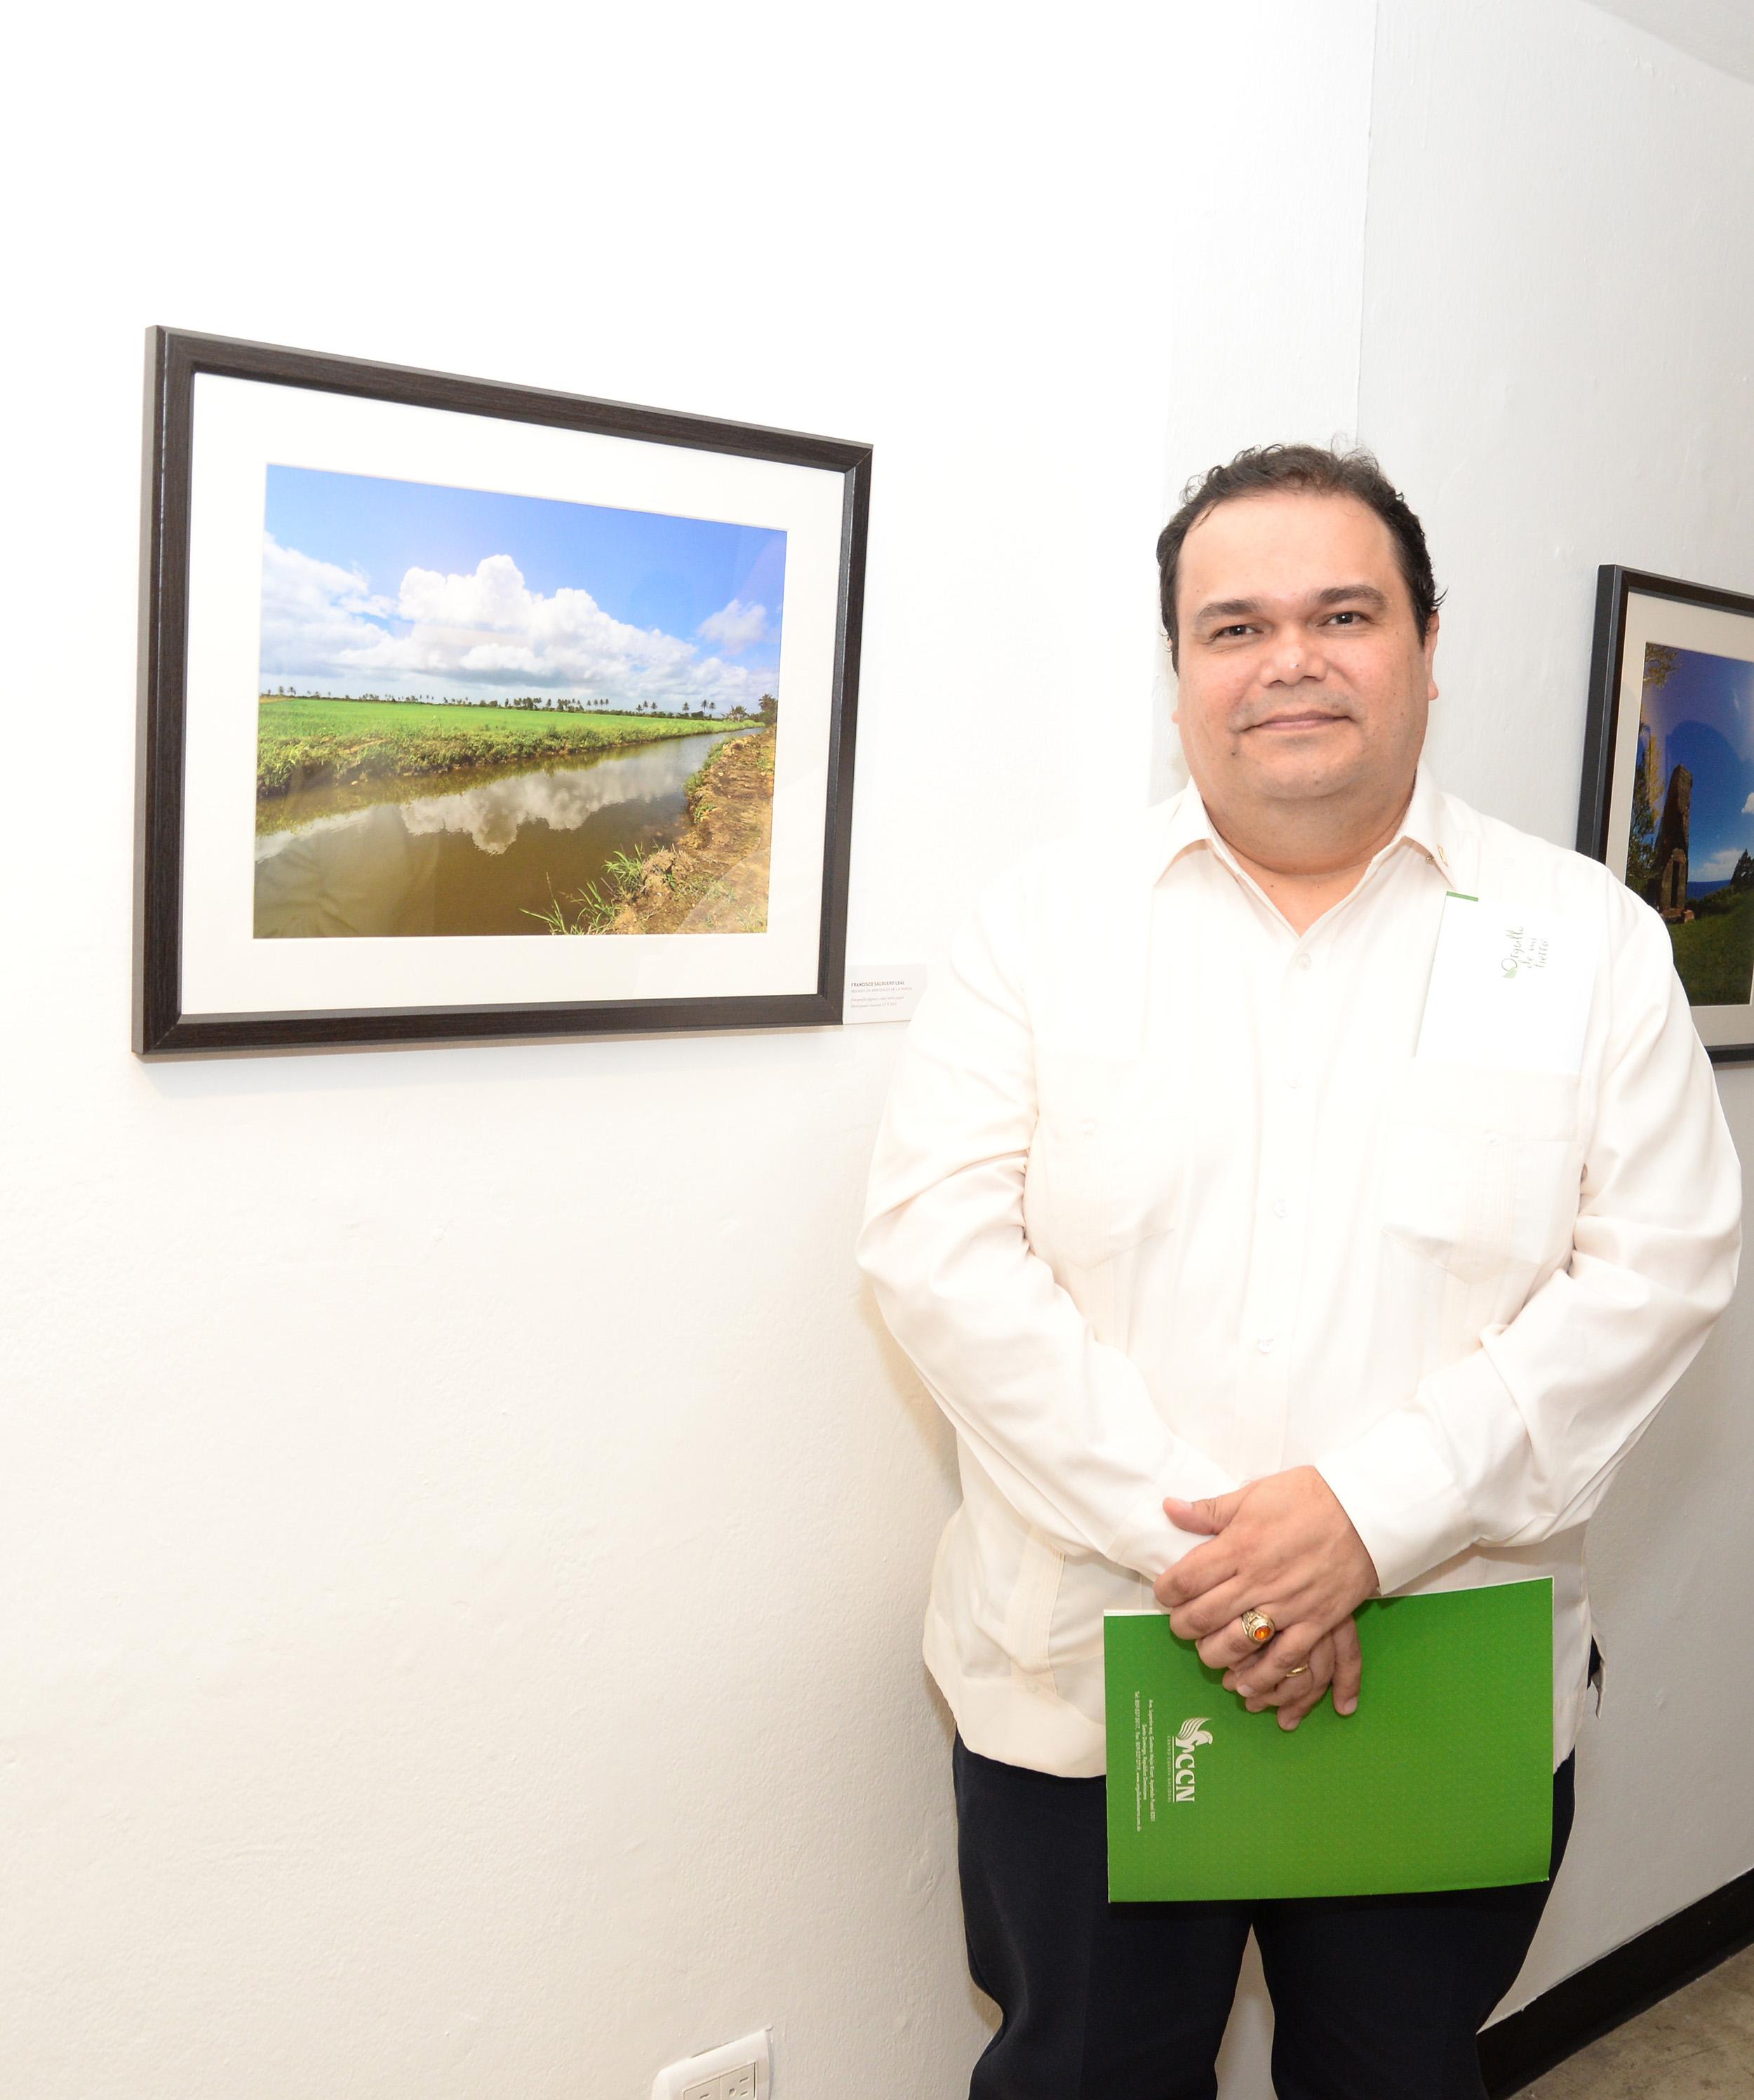 Foto 1B - Francisco Salguero junto a su foto ganadora del 1er. lugar.